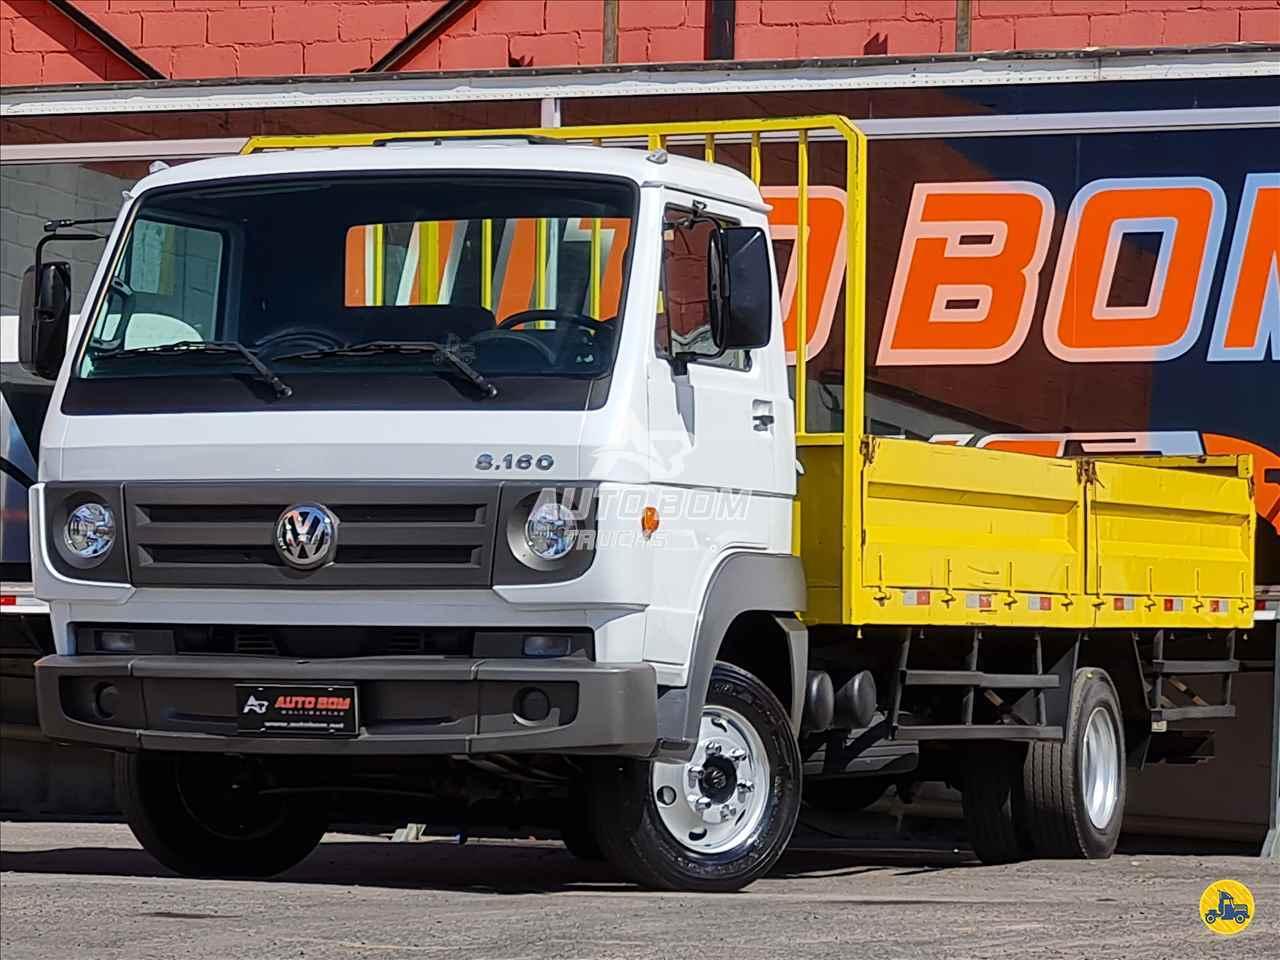 CAMINHAO VOLKSWAGEN VW 8160 Carga Seca 3/4 4x2 Autobom Trucks CONTAGEM MINAS GERAIS MG